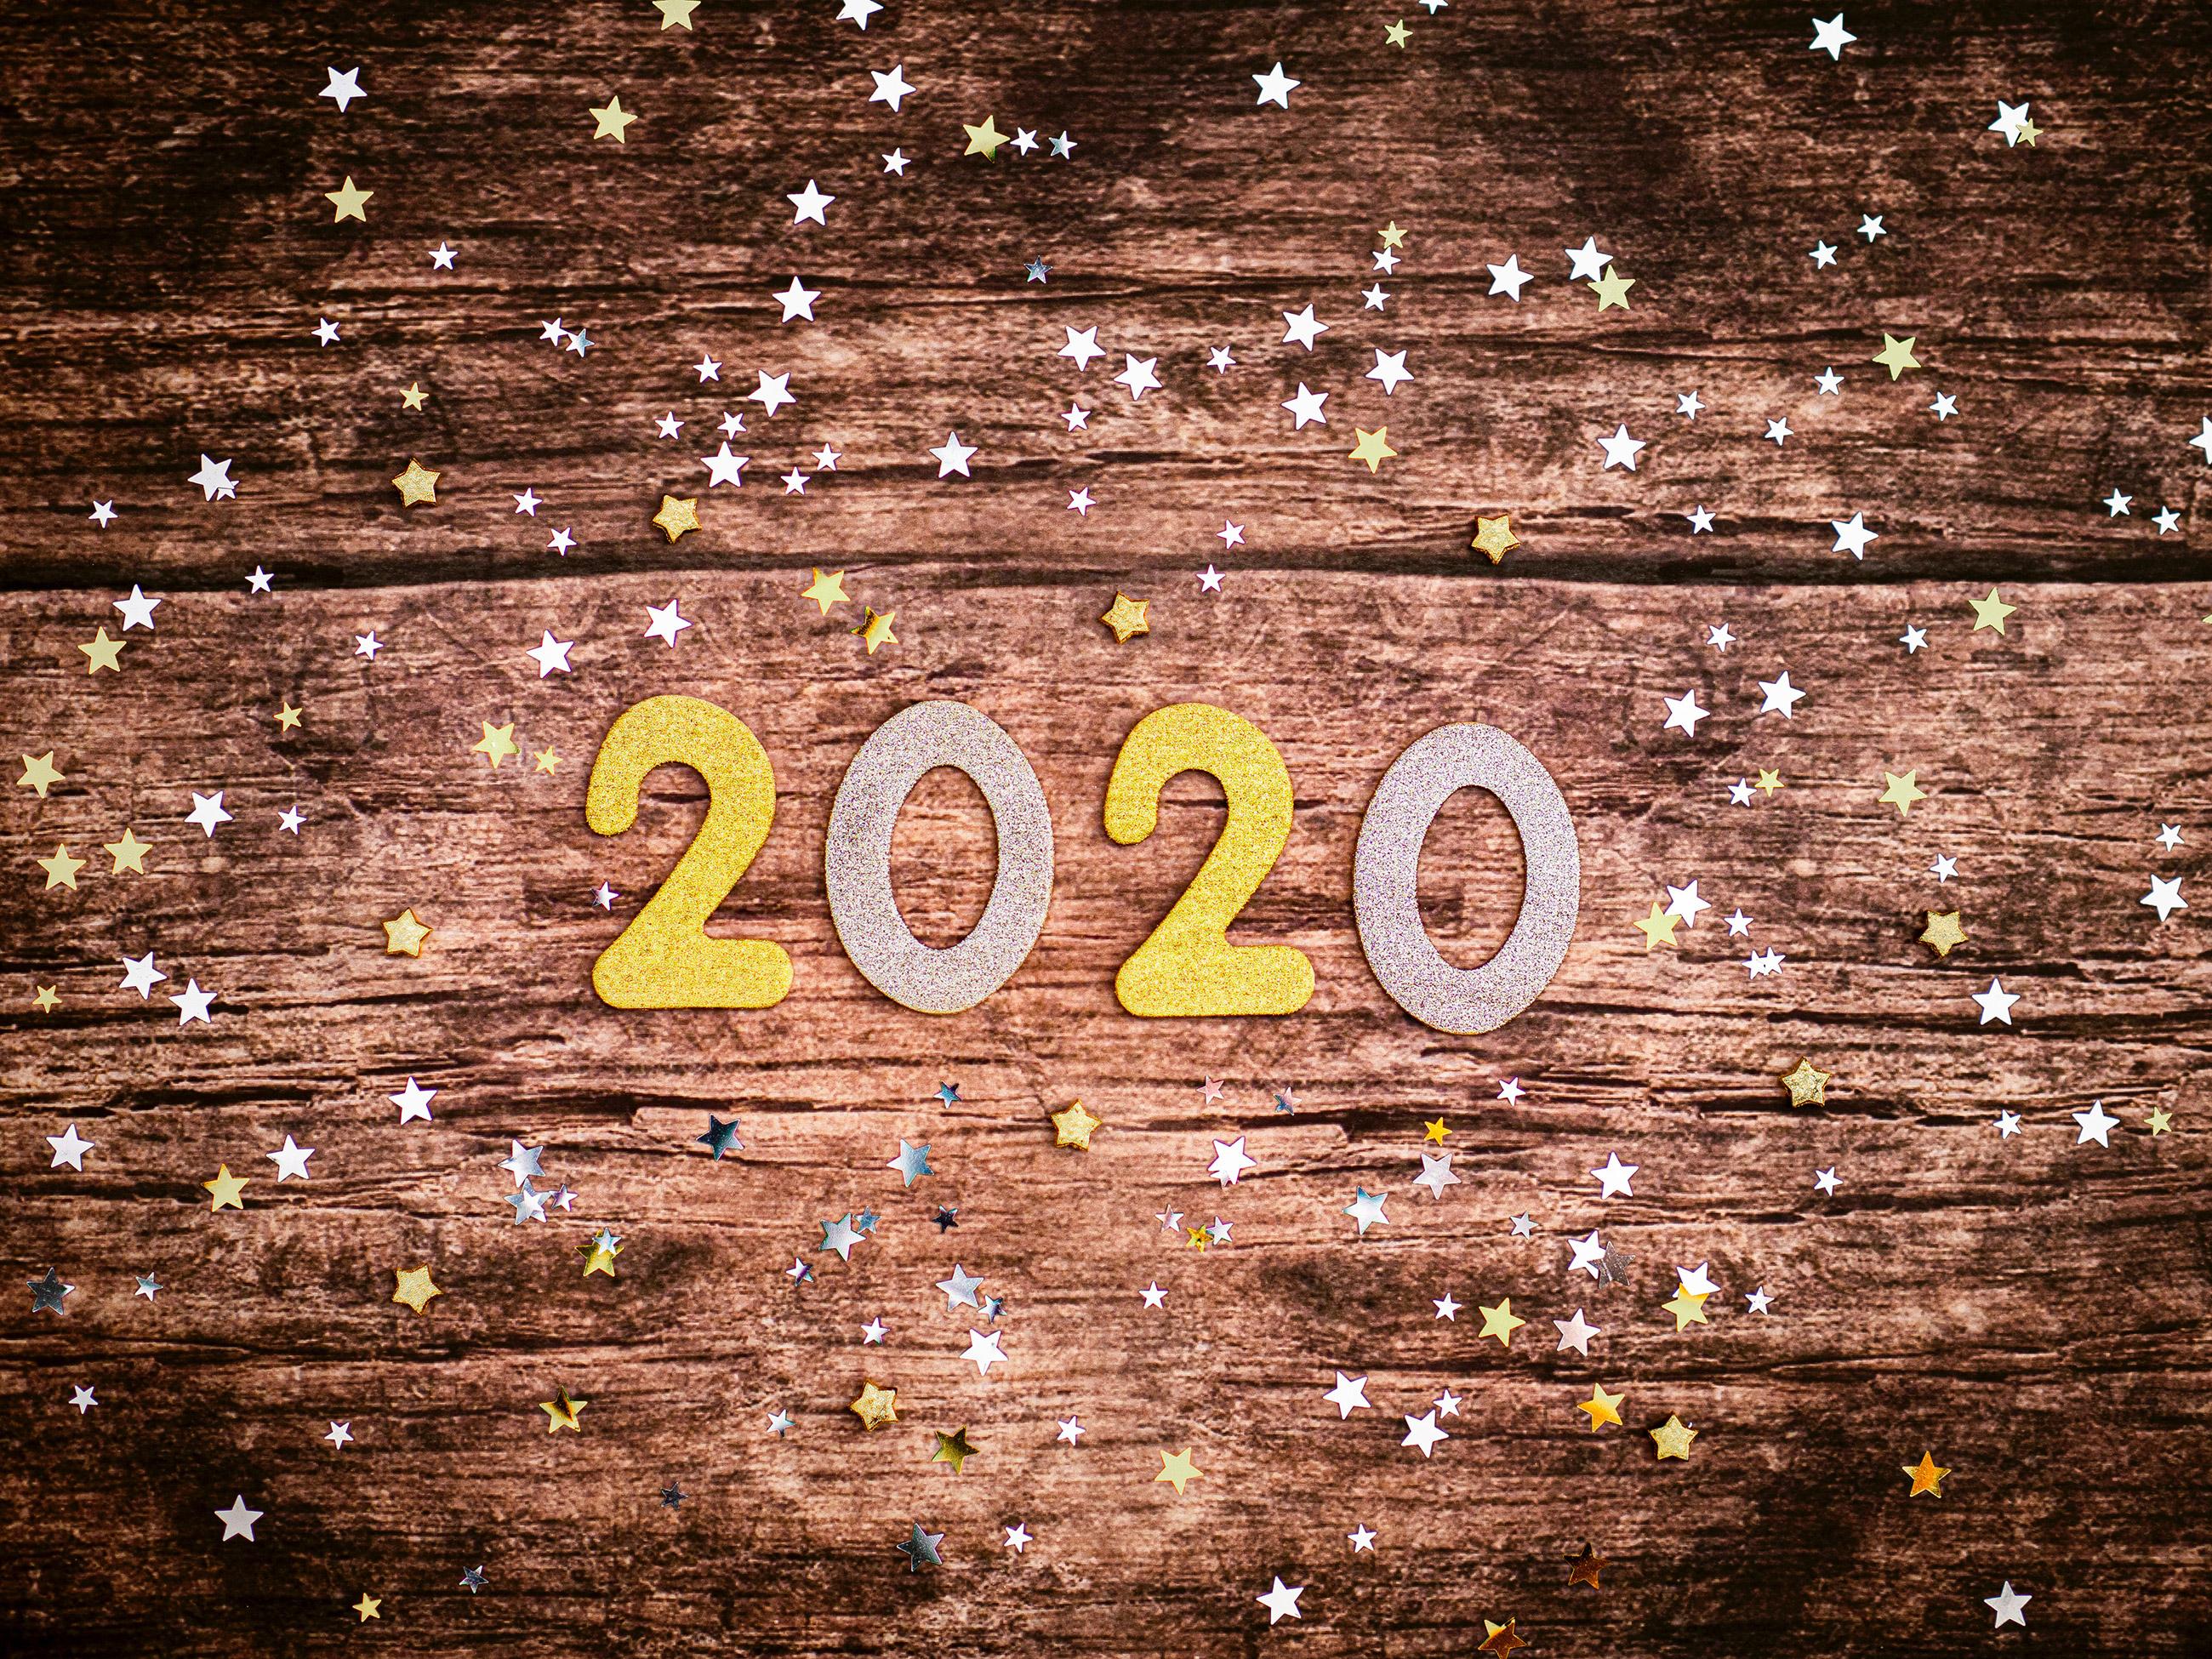 Wordt 2020 jouw jaar?